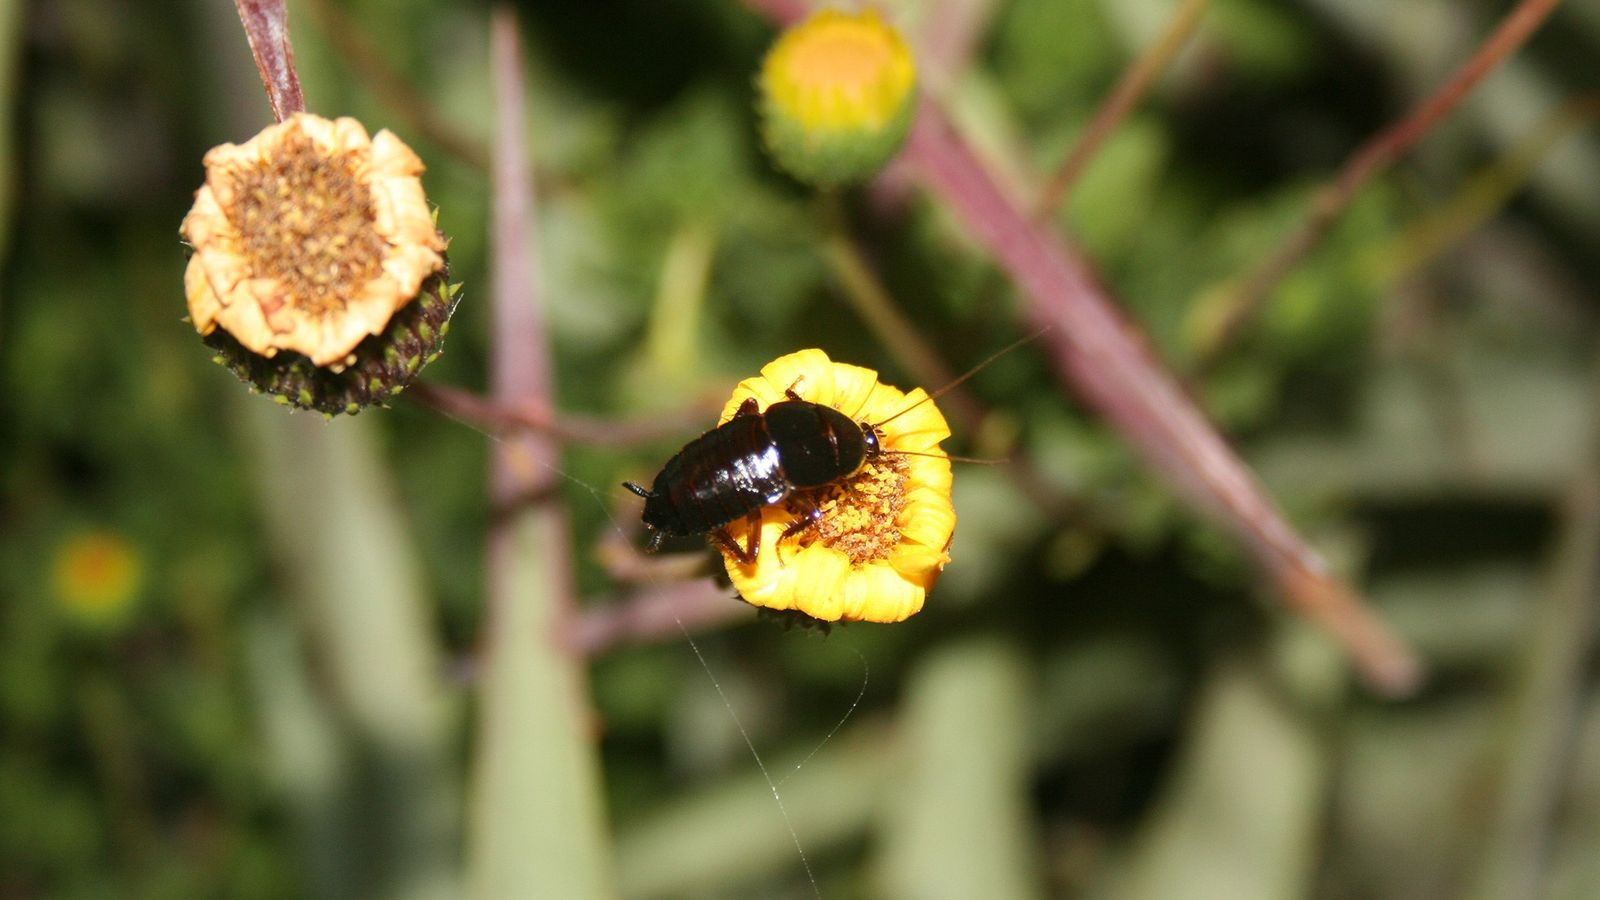 Kakerlake auf einer Blume